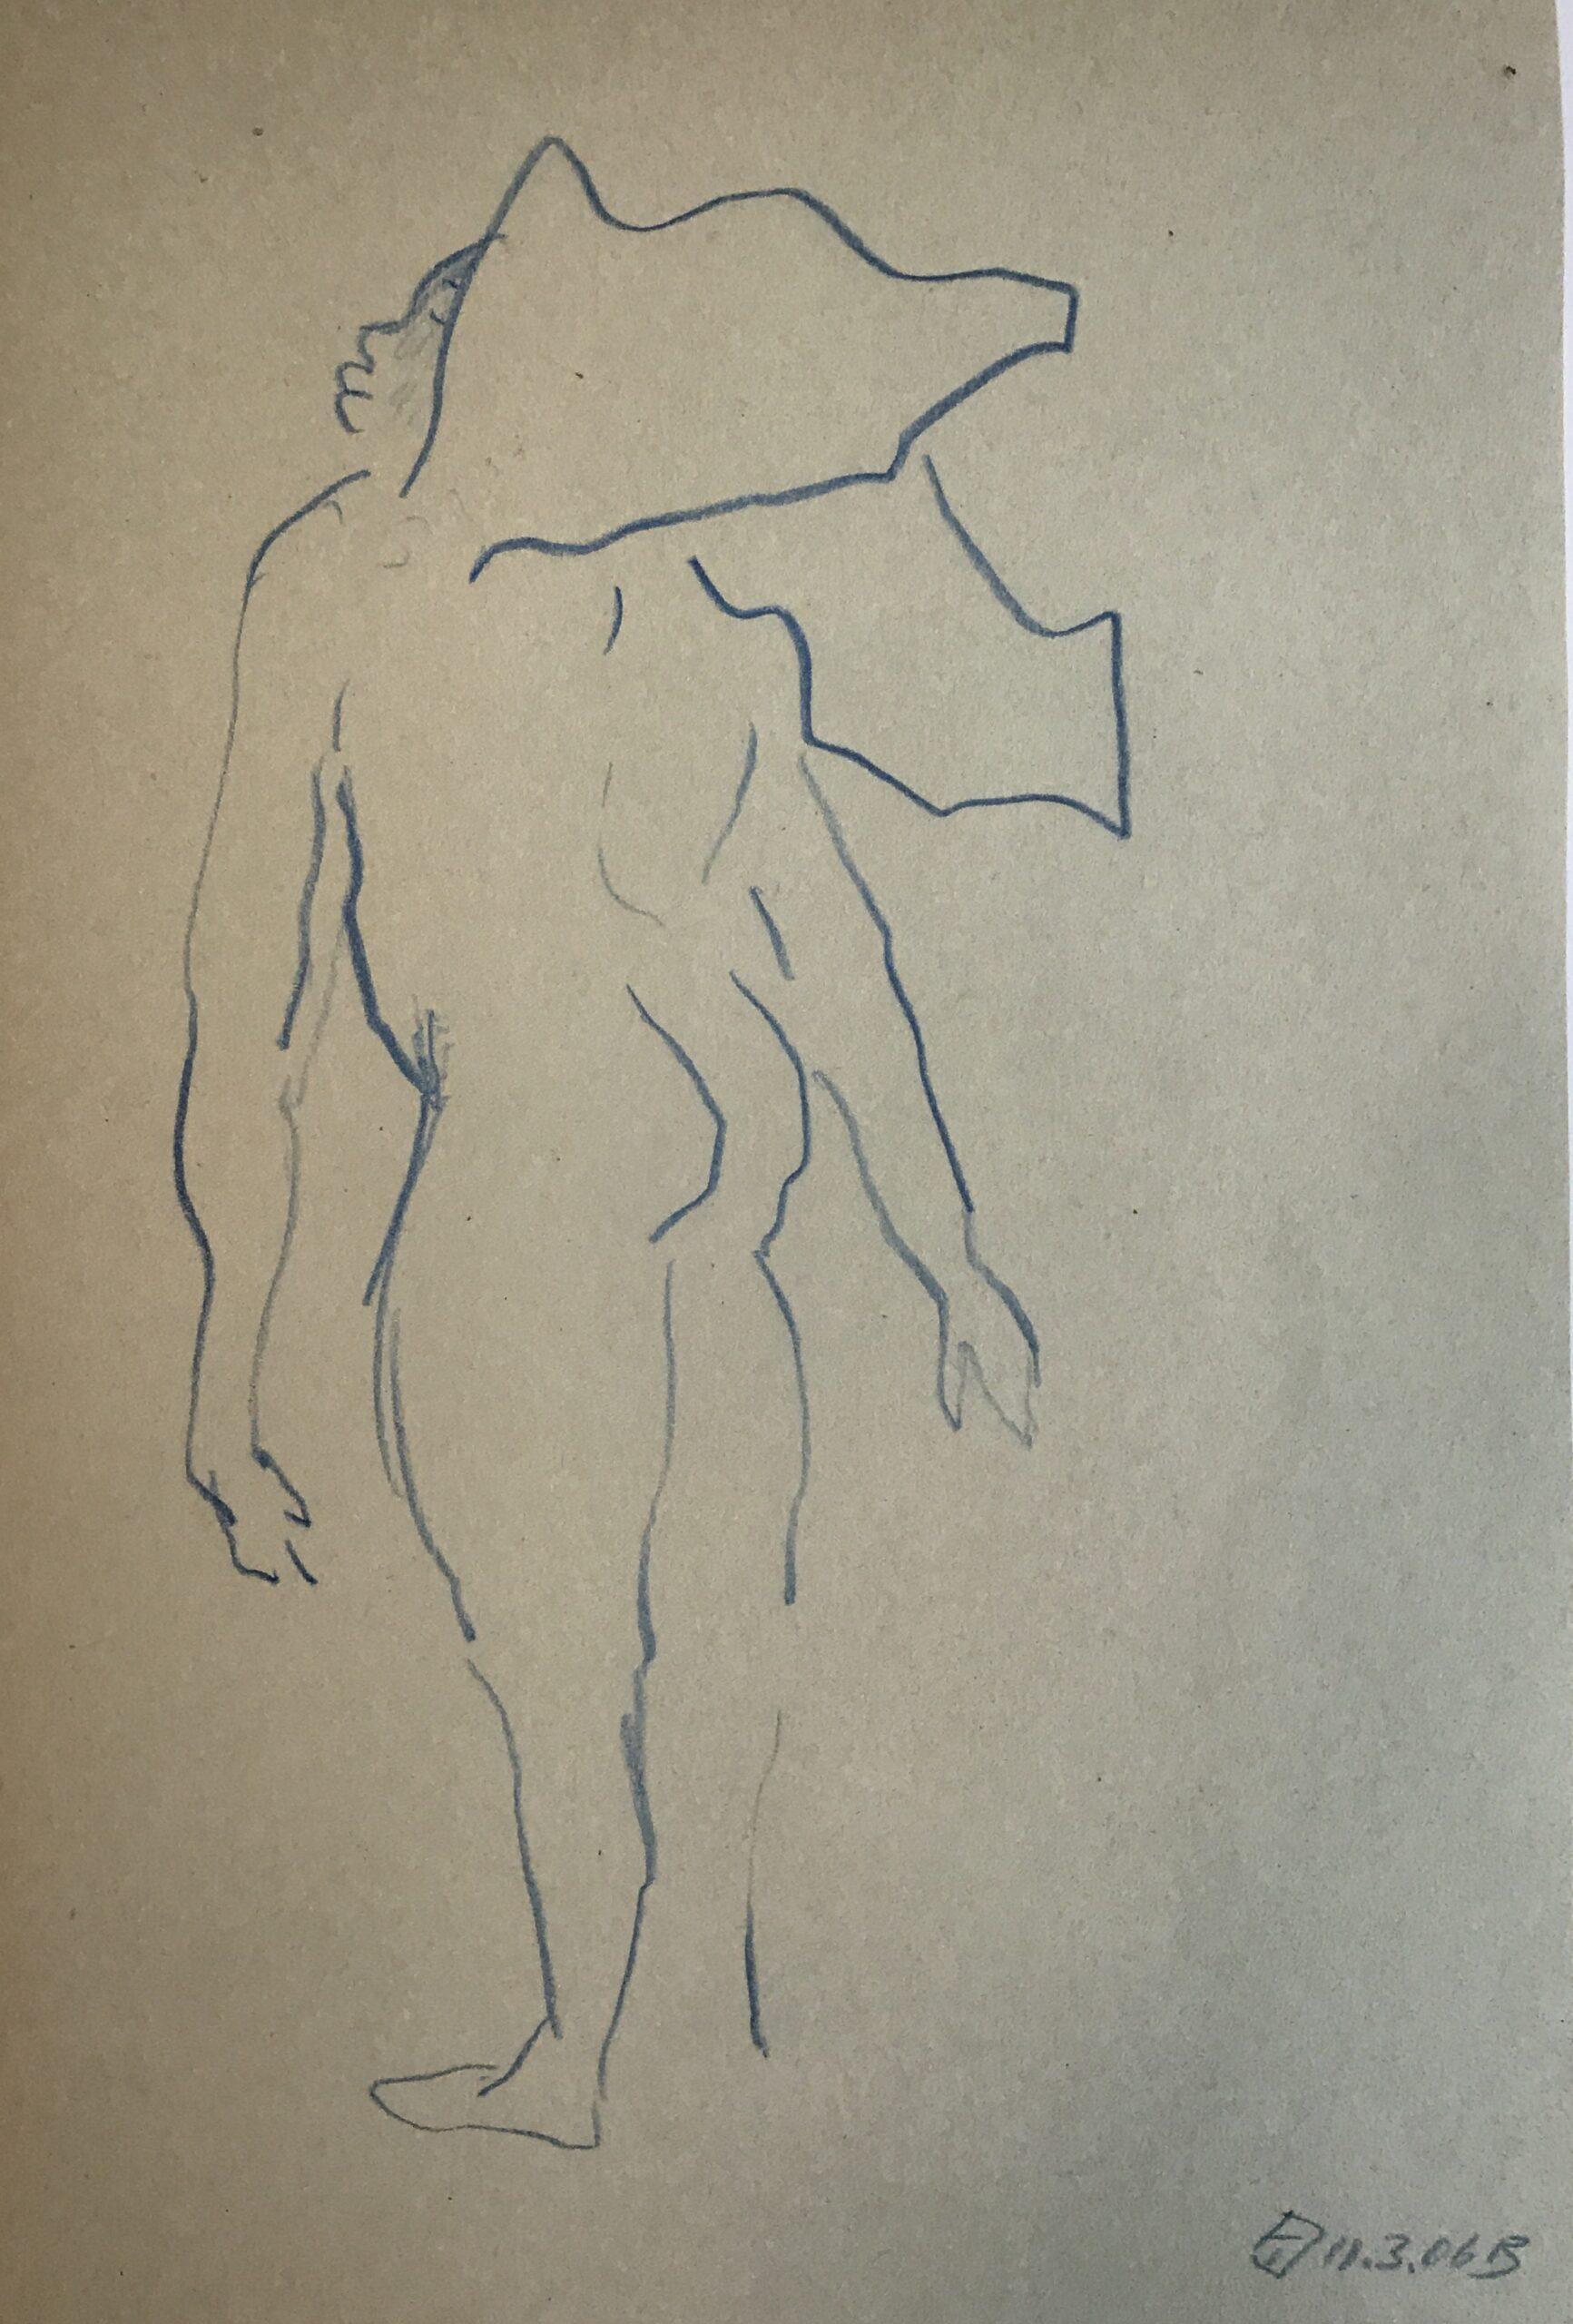 ENGEL, 30x21, Farbstift, 2006